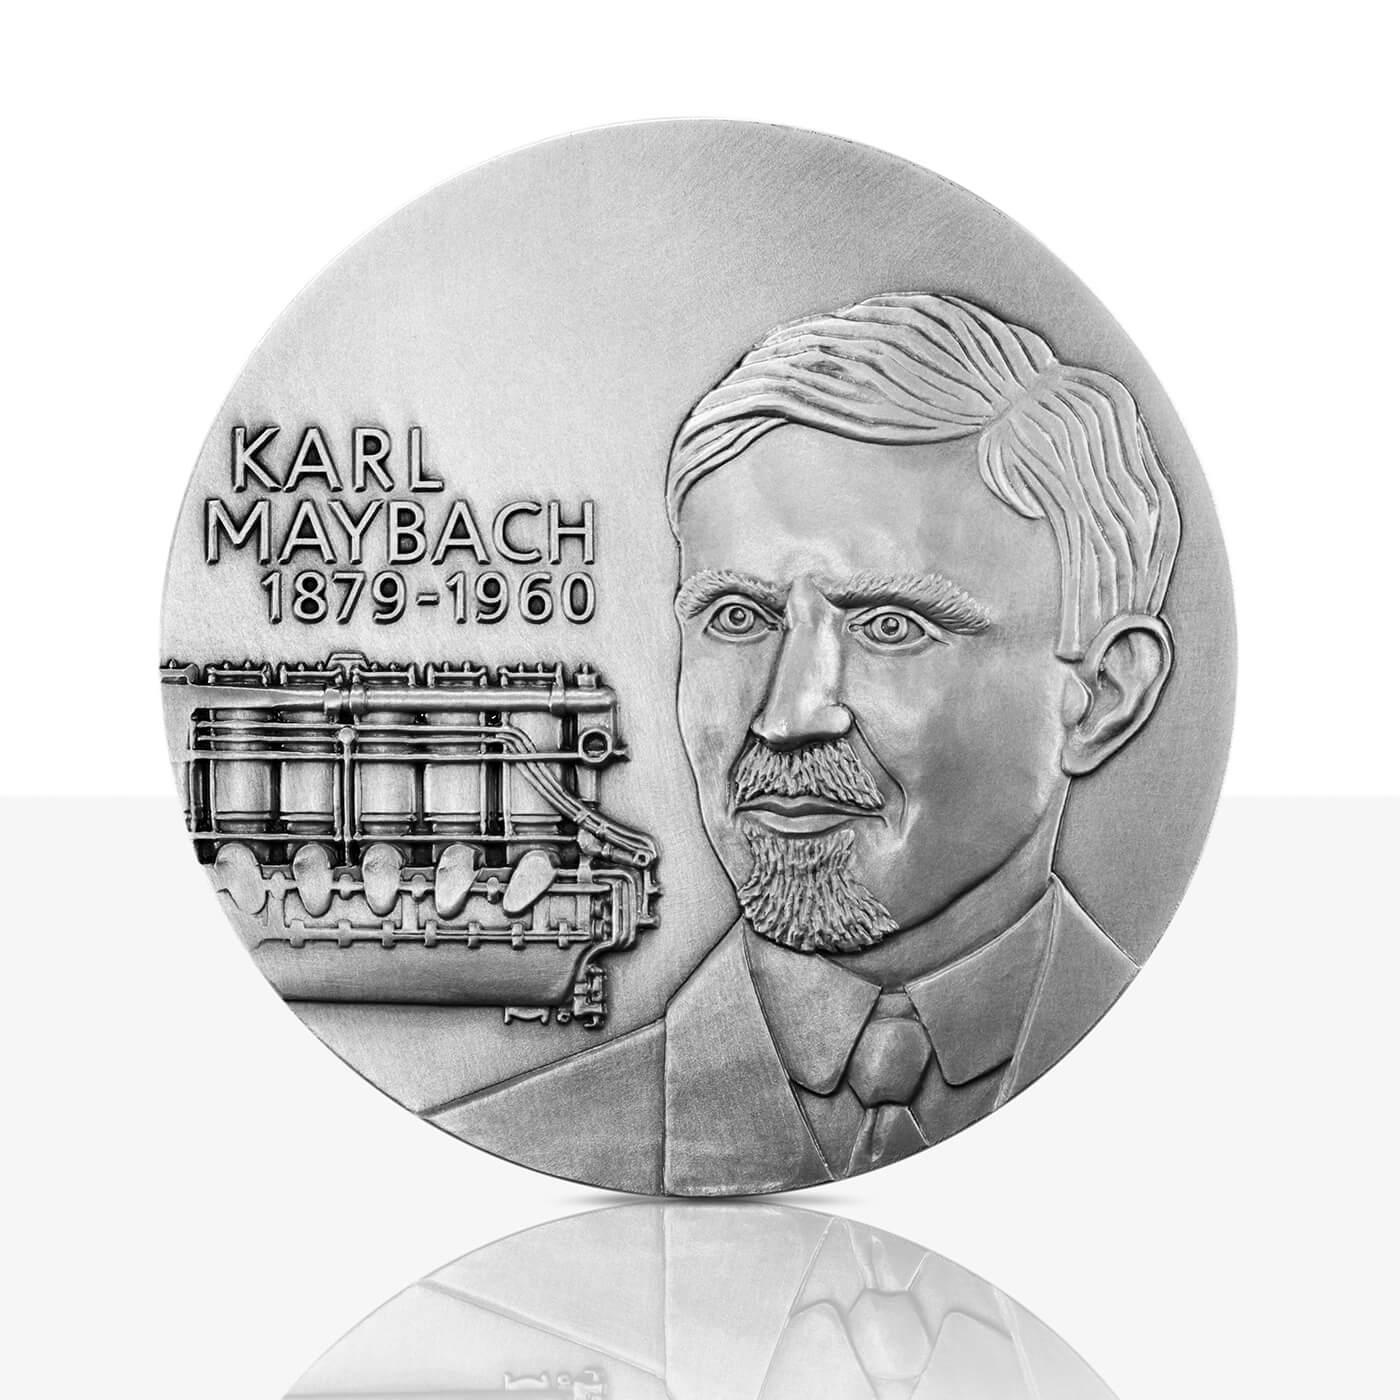 Karl Maybach – Silver medal in high relief – Staatliche Münzen